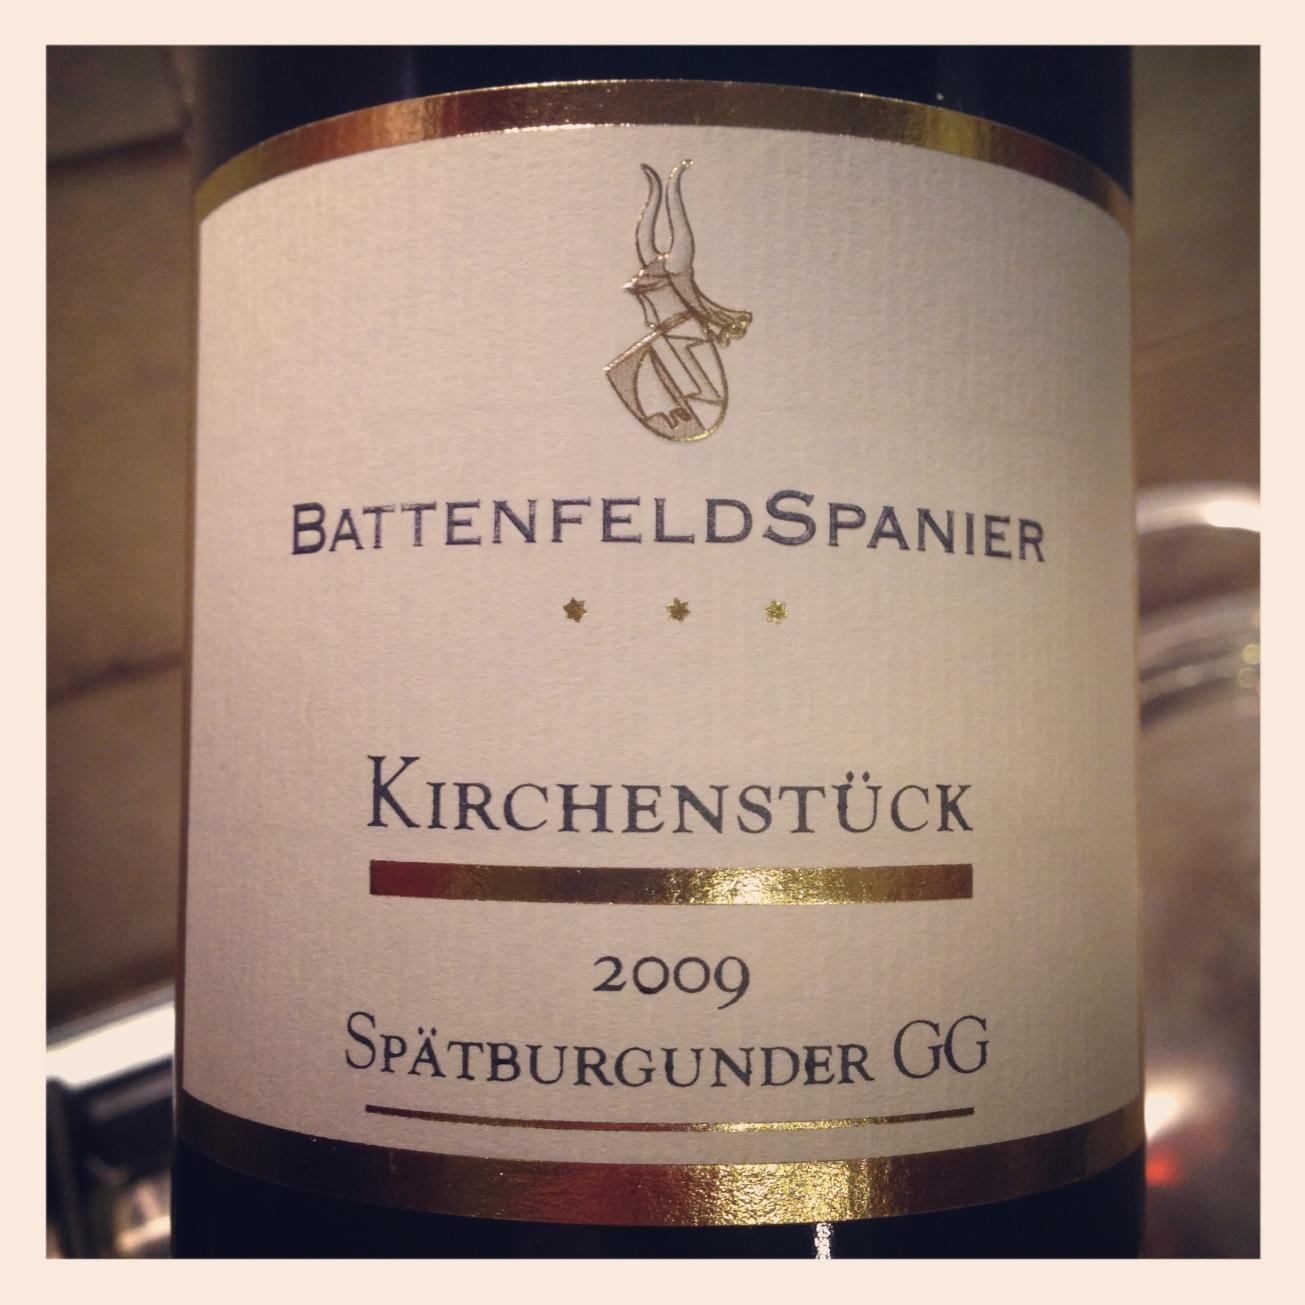 2009 Weingut Battenfeld-Spanier Kirchenstück Spätburgunder GG